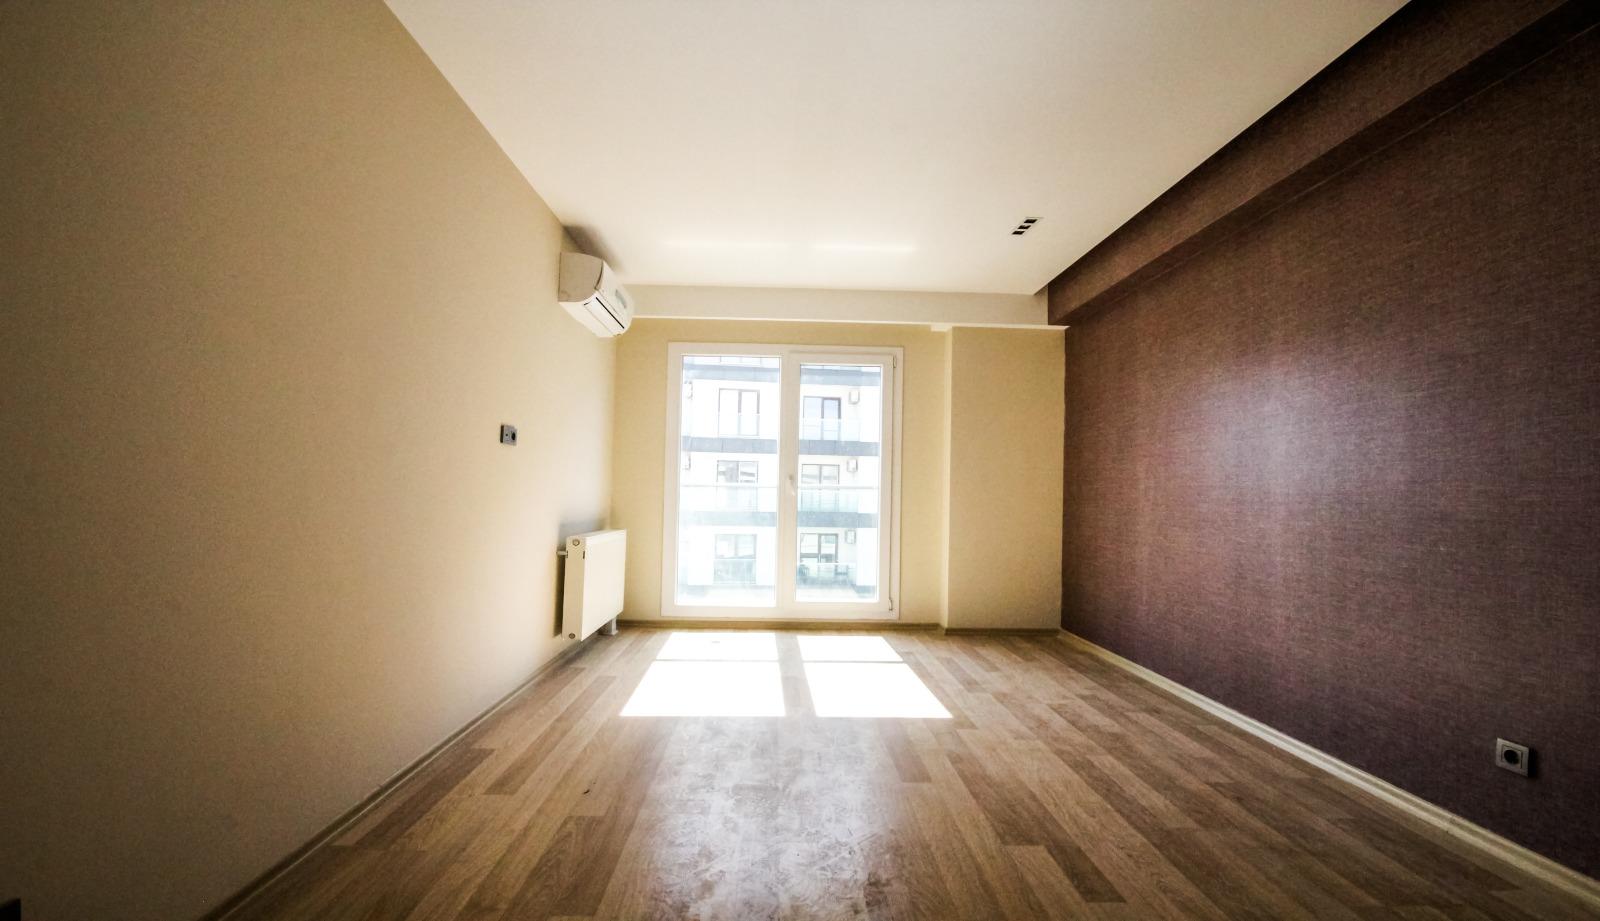 Апартаменты в жилом комплексе Стамбула - Фото 5